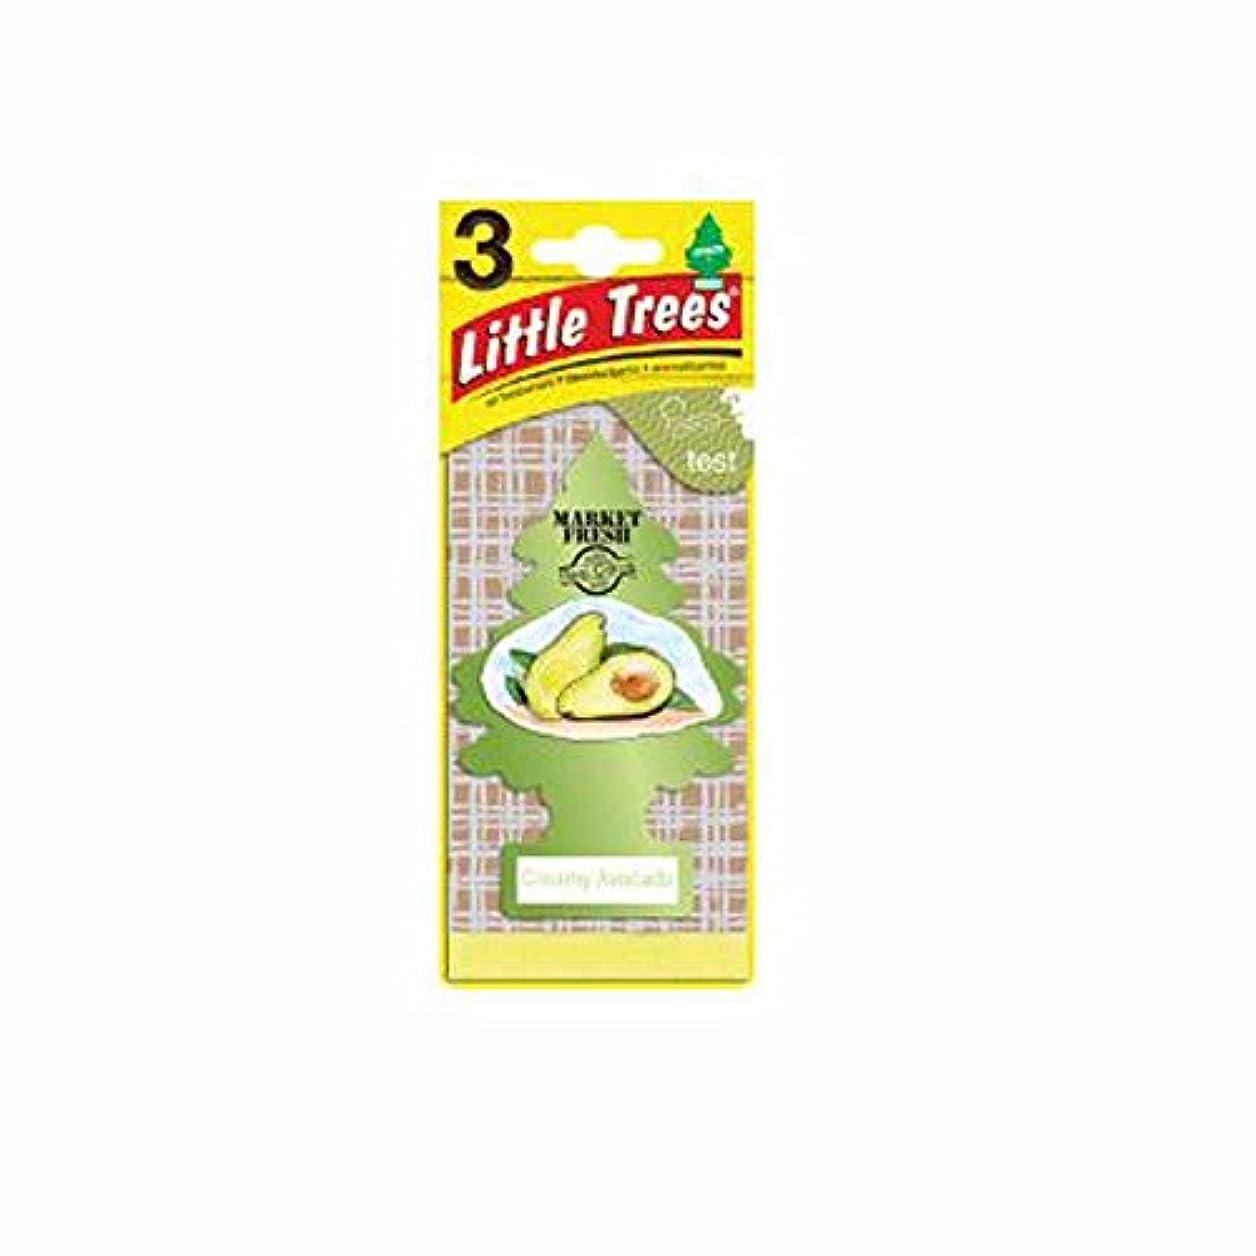 探検パイプラインこれらLittle Trees 吊下げタイプ エアーフレッシュナー creamy avocado(クリーミーアボカド) 3枚セット(3P) U3S-37340